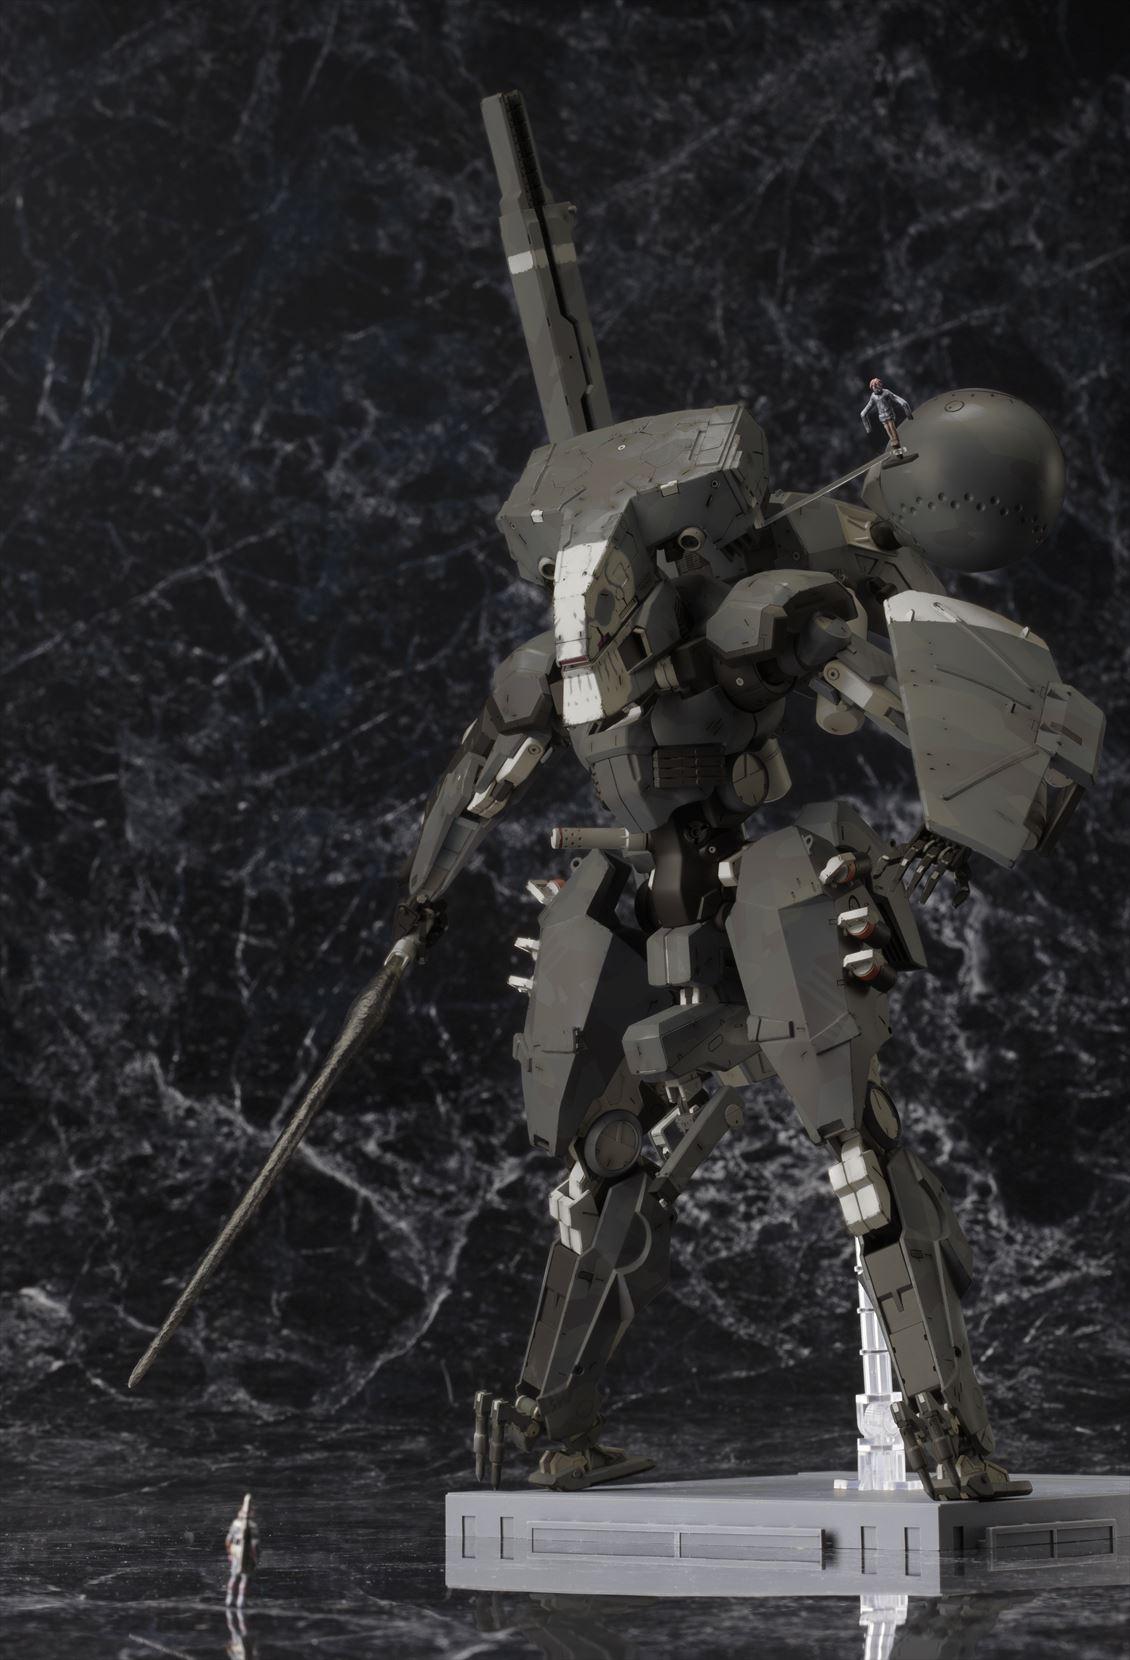 人気ゲーム『メタルギア ソリッド V ファントムペイン』より 「メタルギア サヘラントロプス Black Ver.」のプラモデルが6月発売